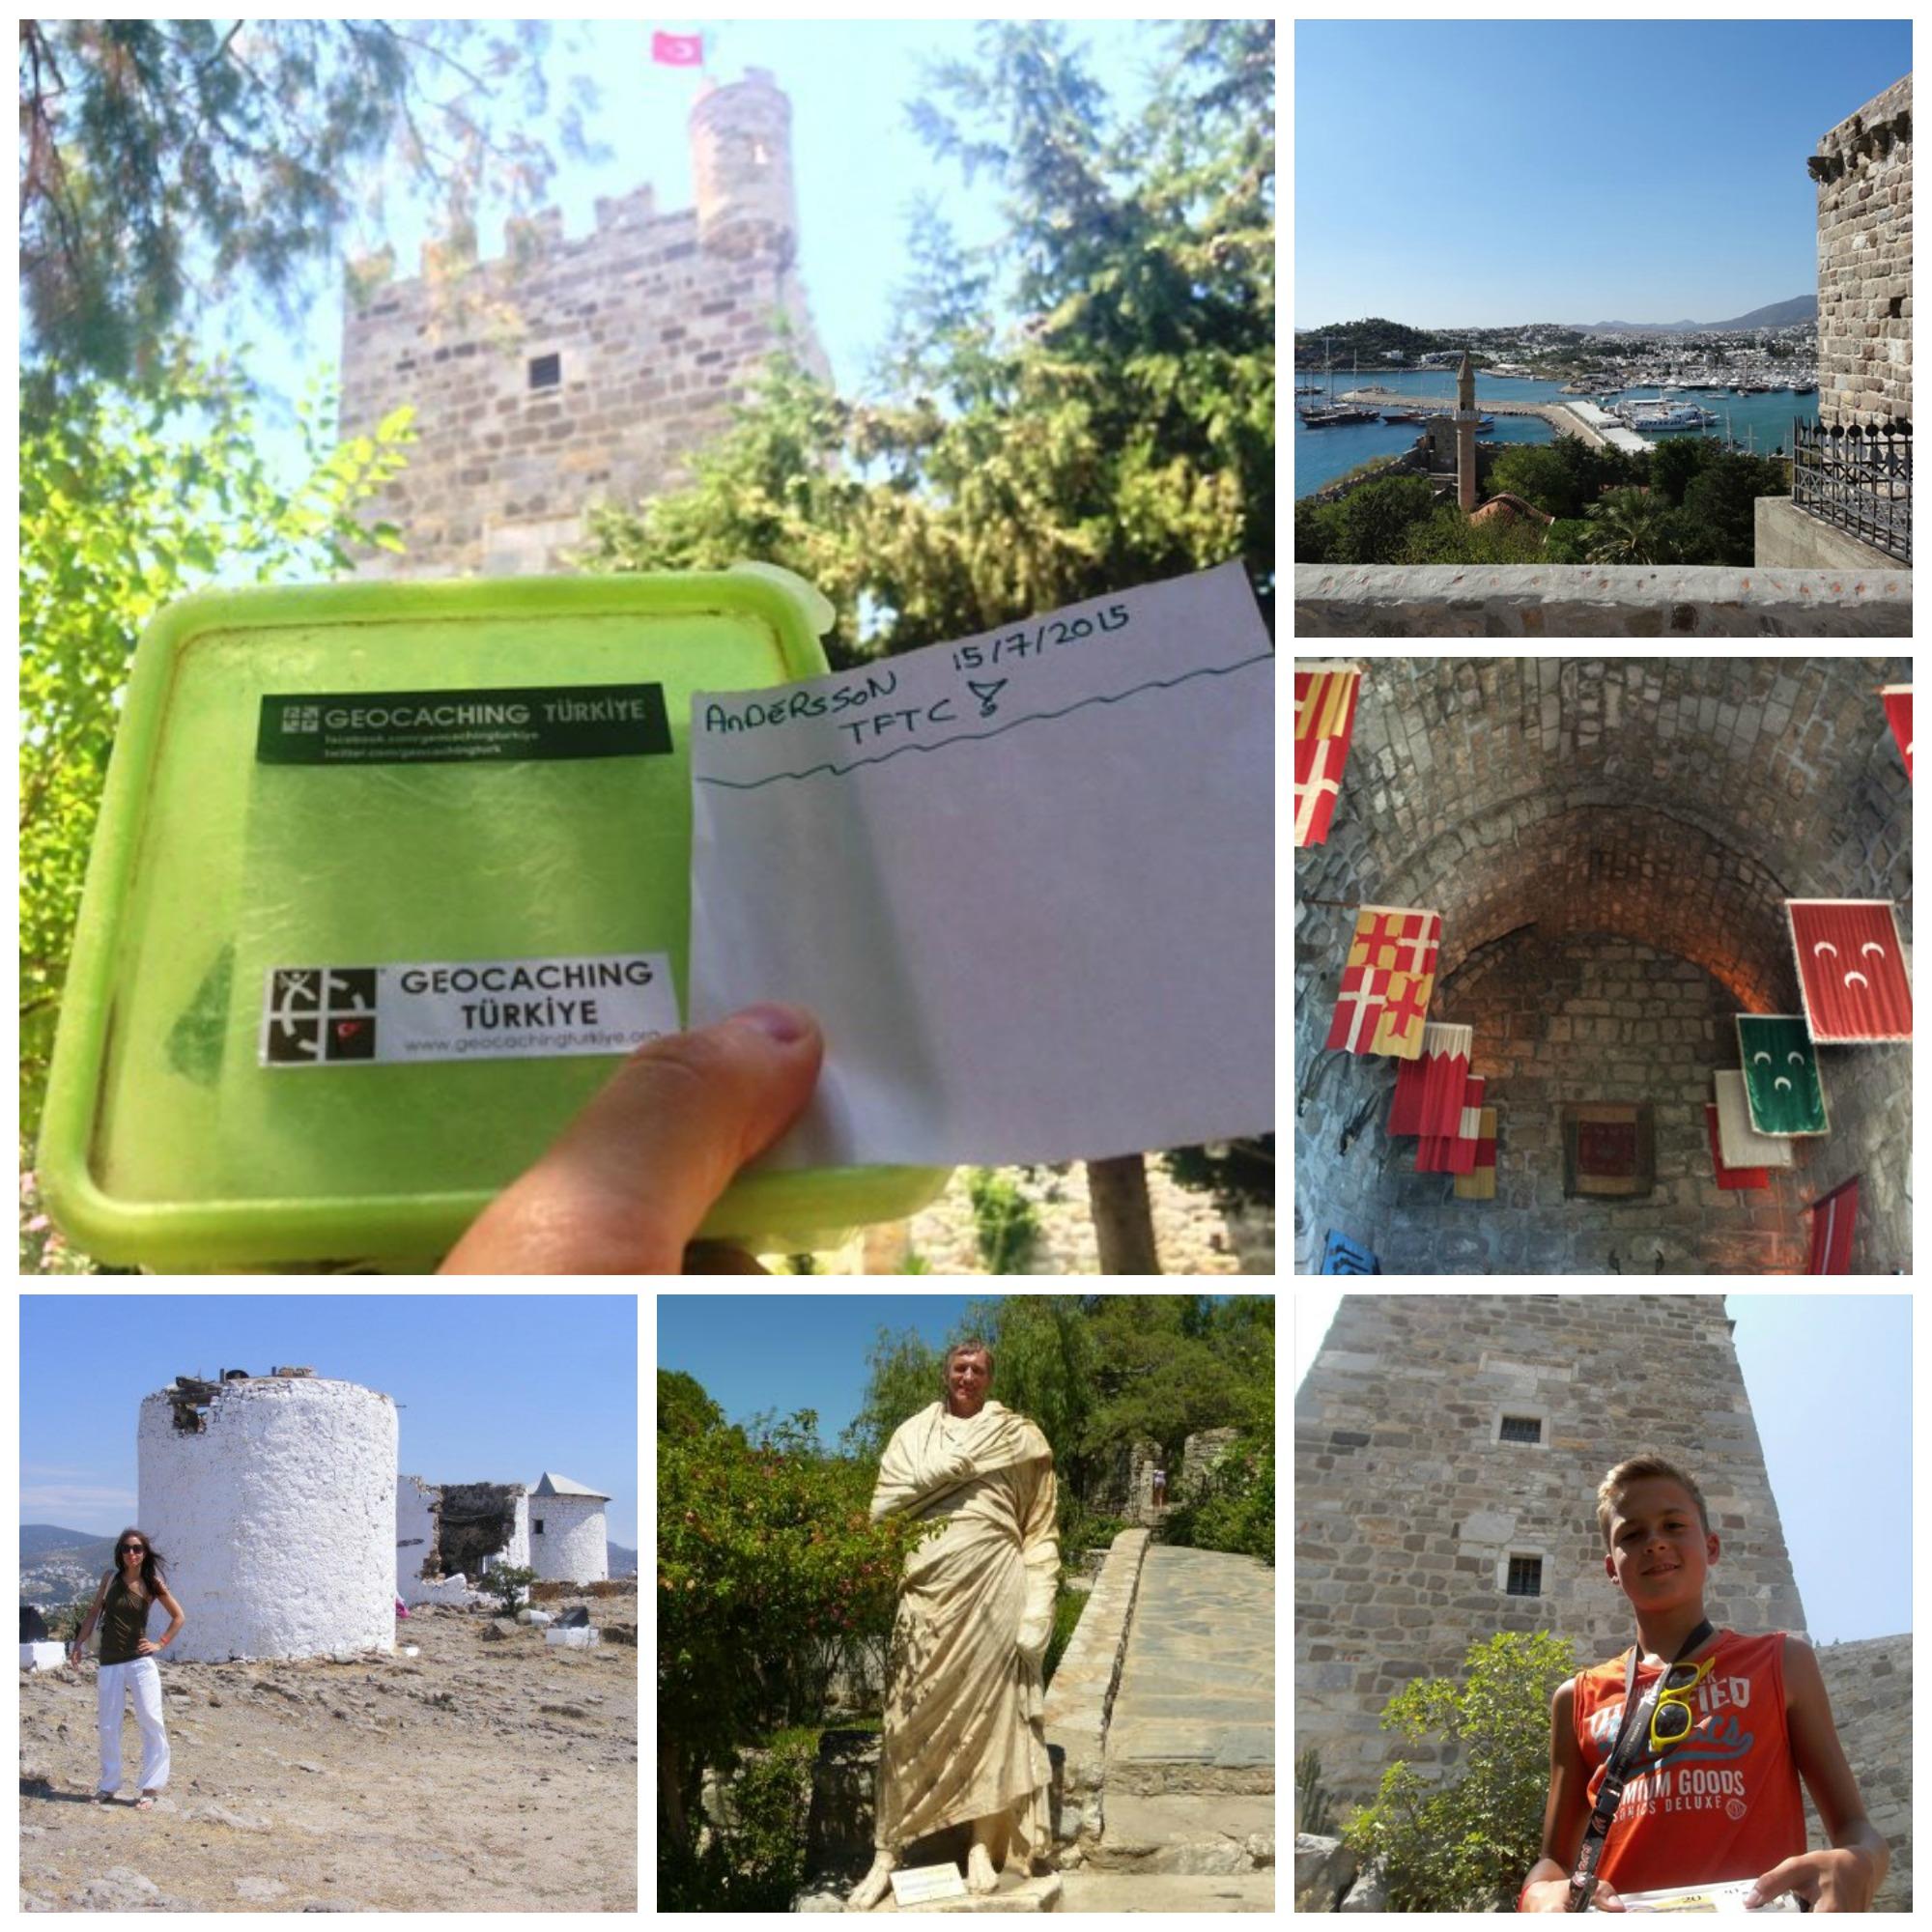 GC1HN97 - Gokart15 [Bodrum Castle]